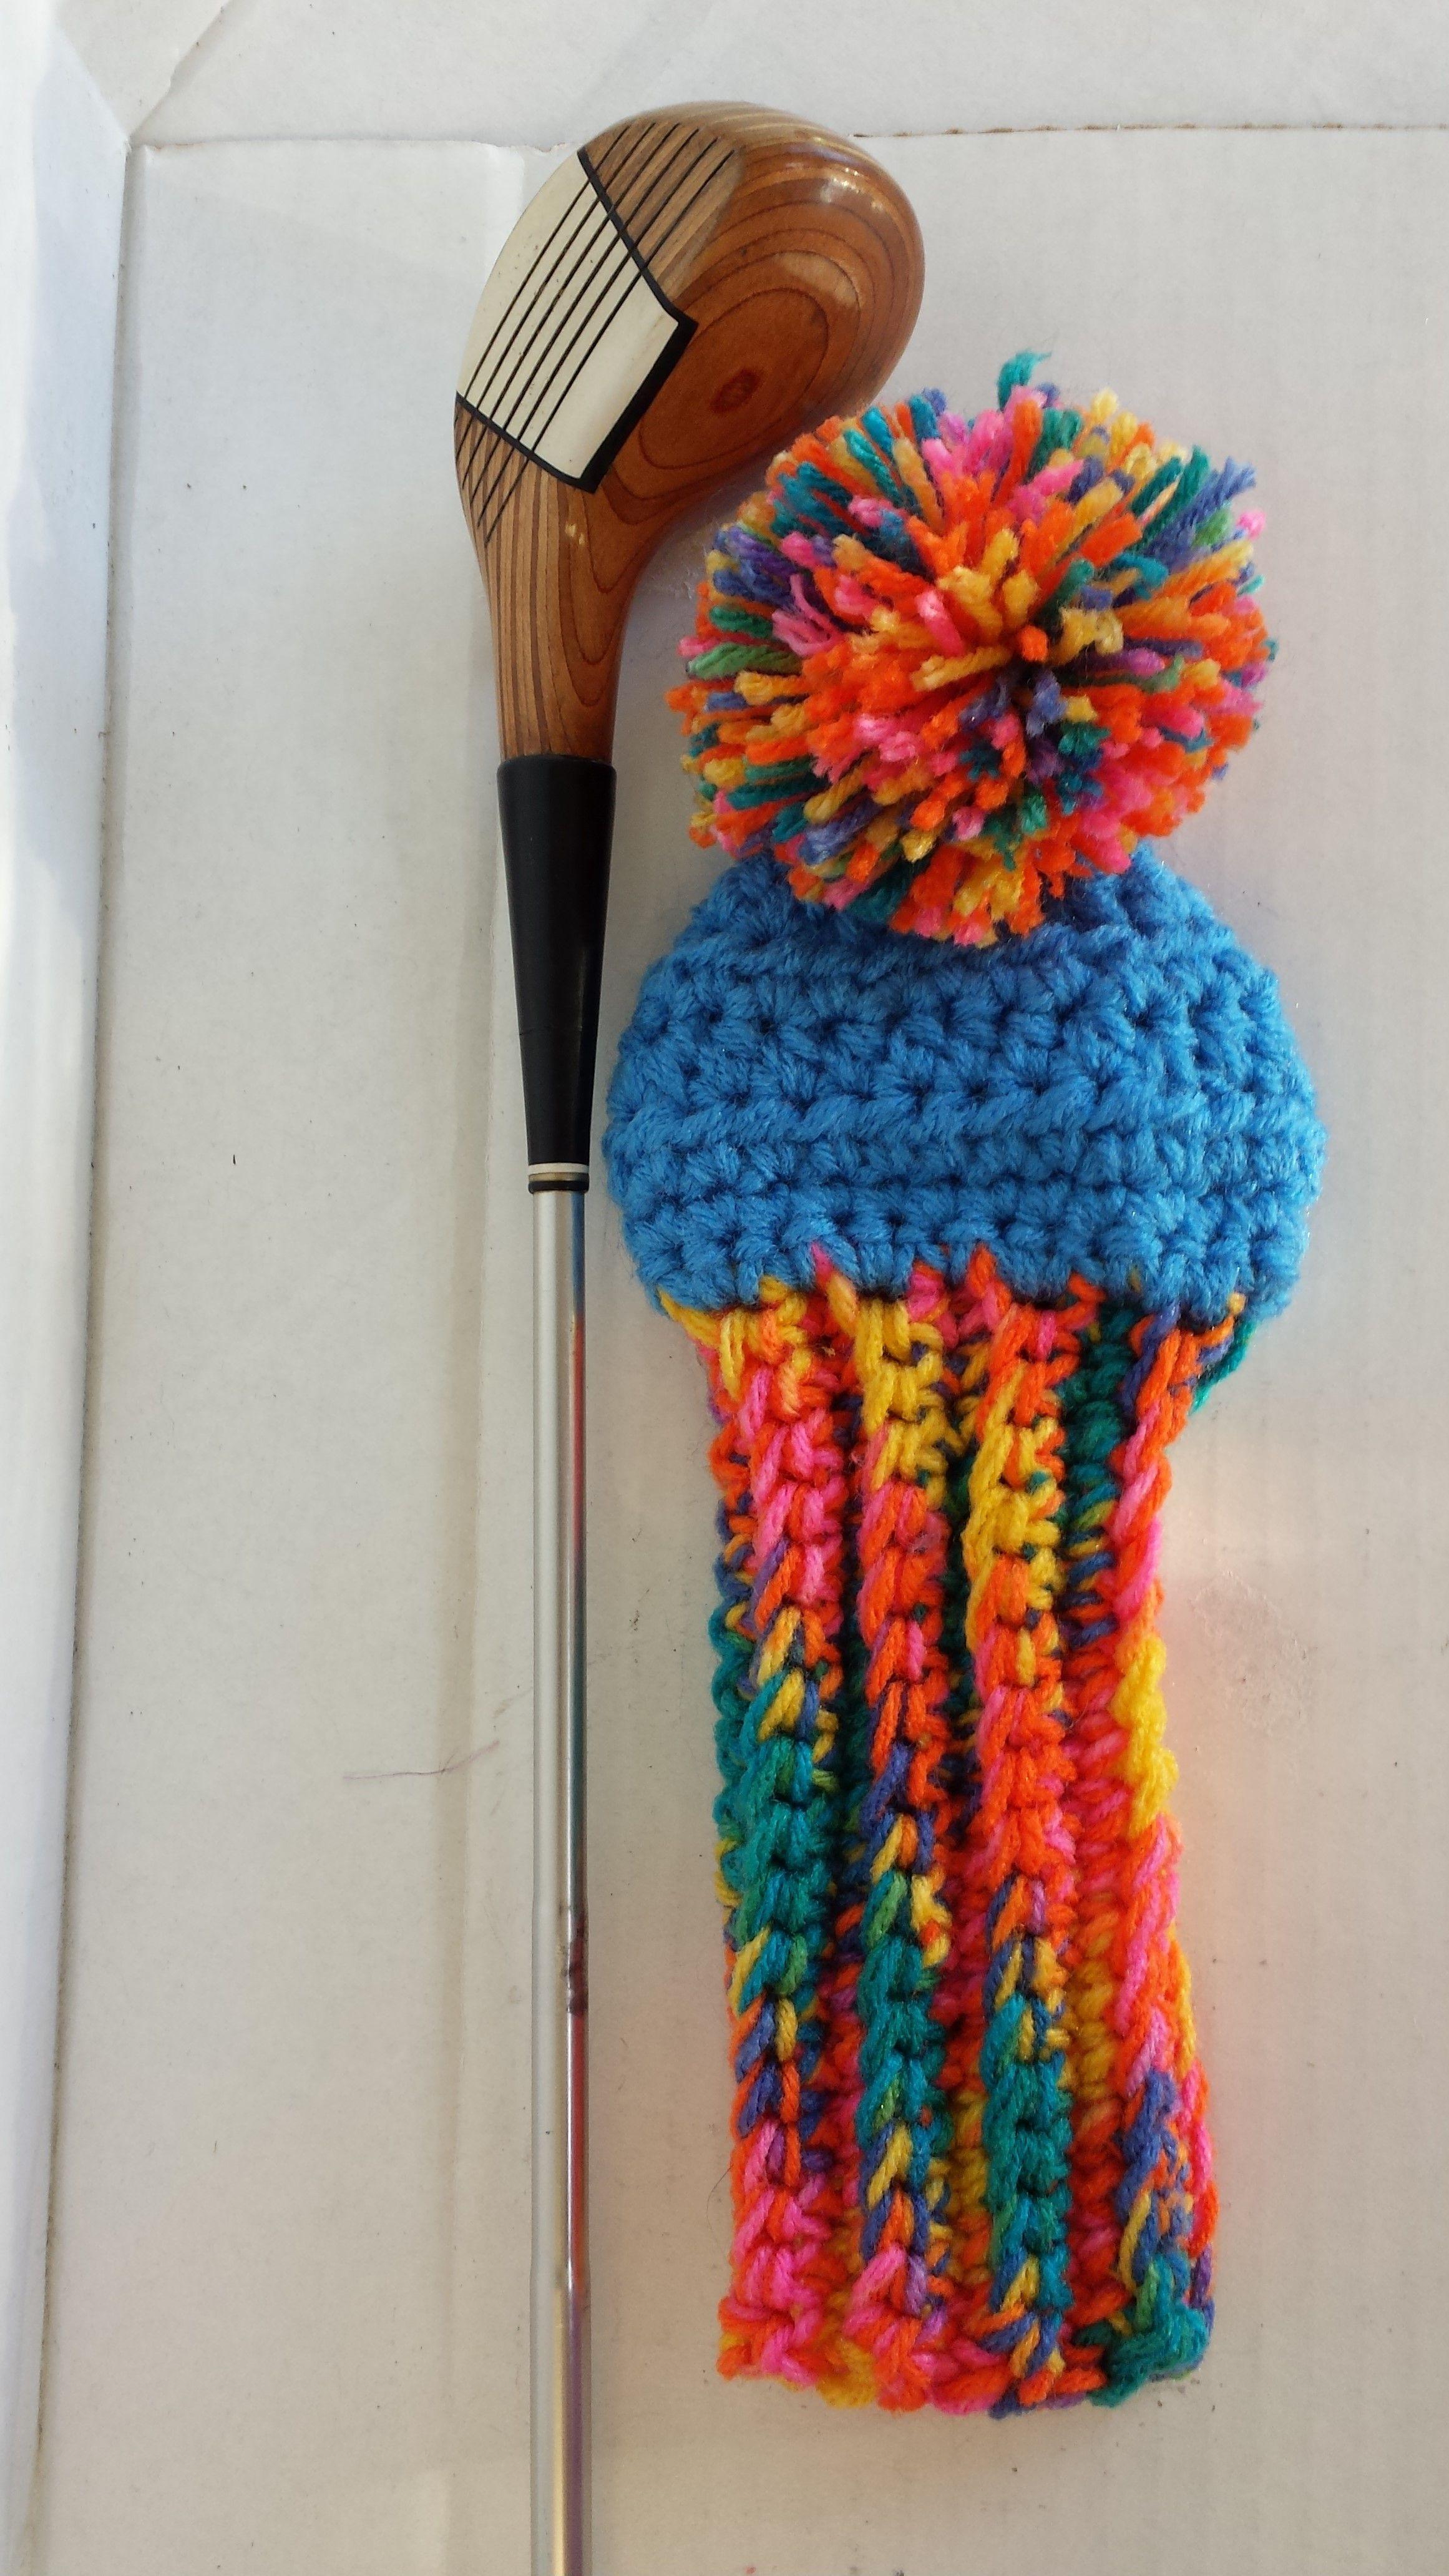 Fun Golf Club Covers | A Carolyn\'s Crocheted Headwear | Pinterest ...